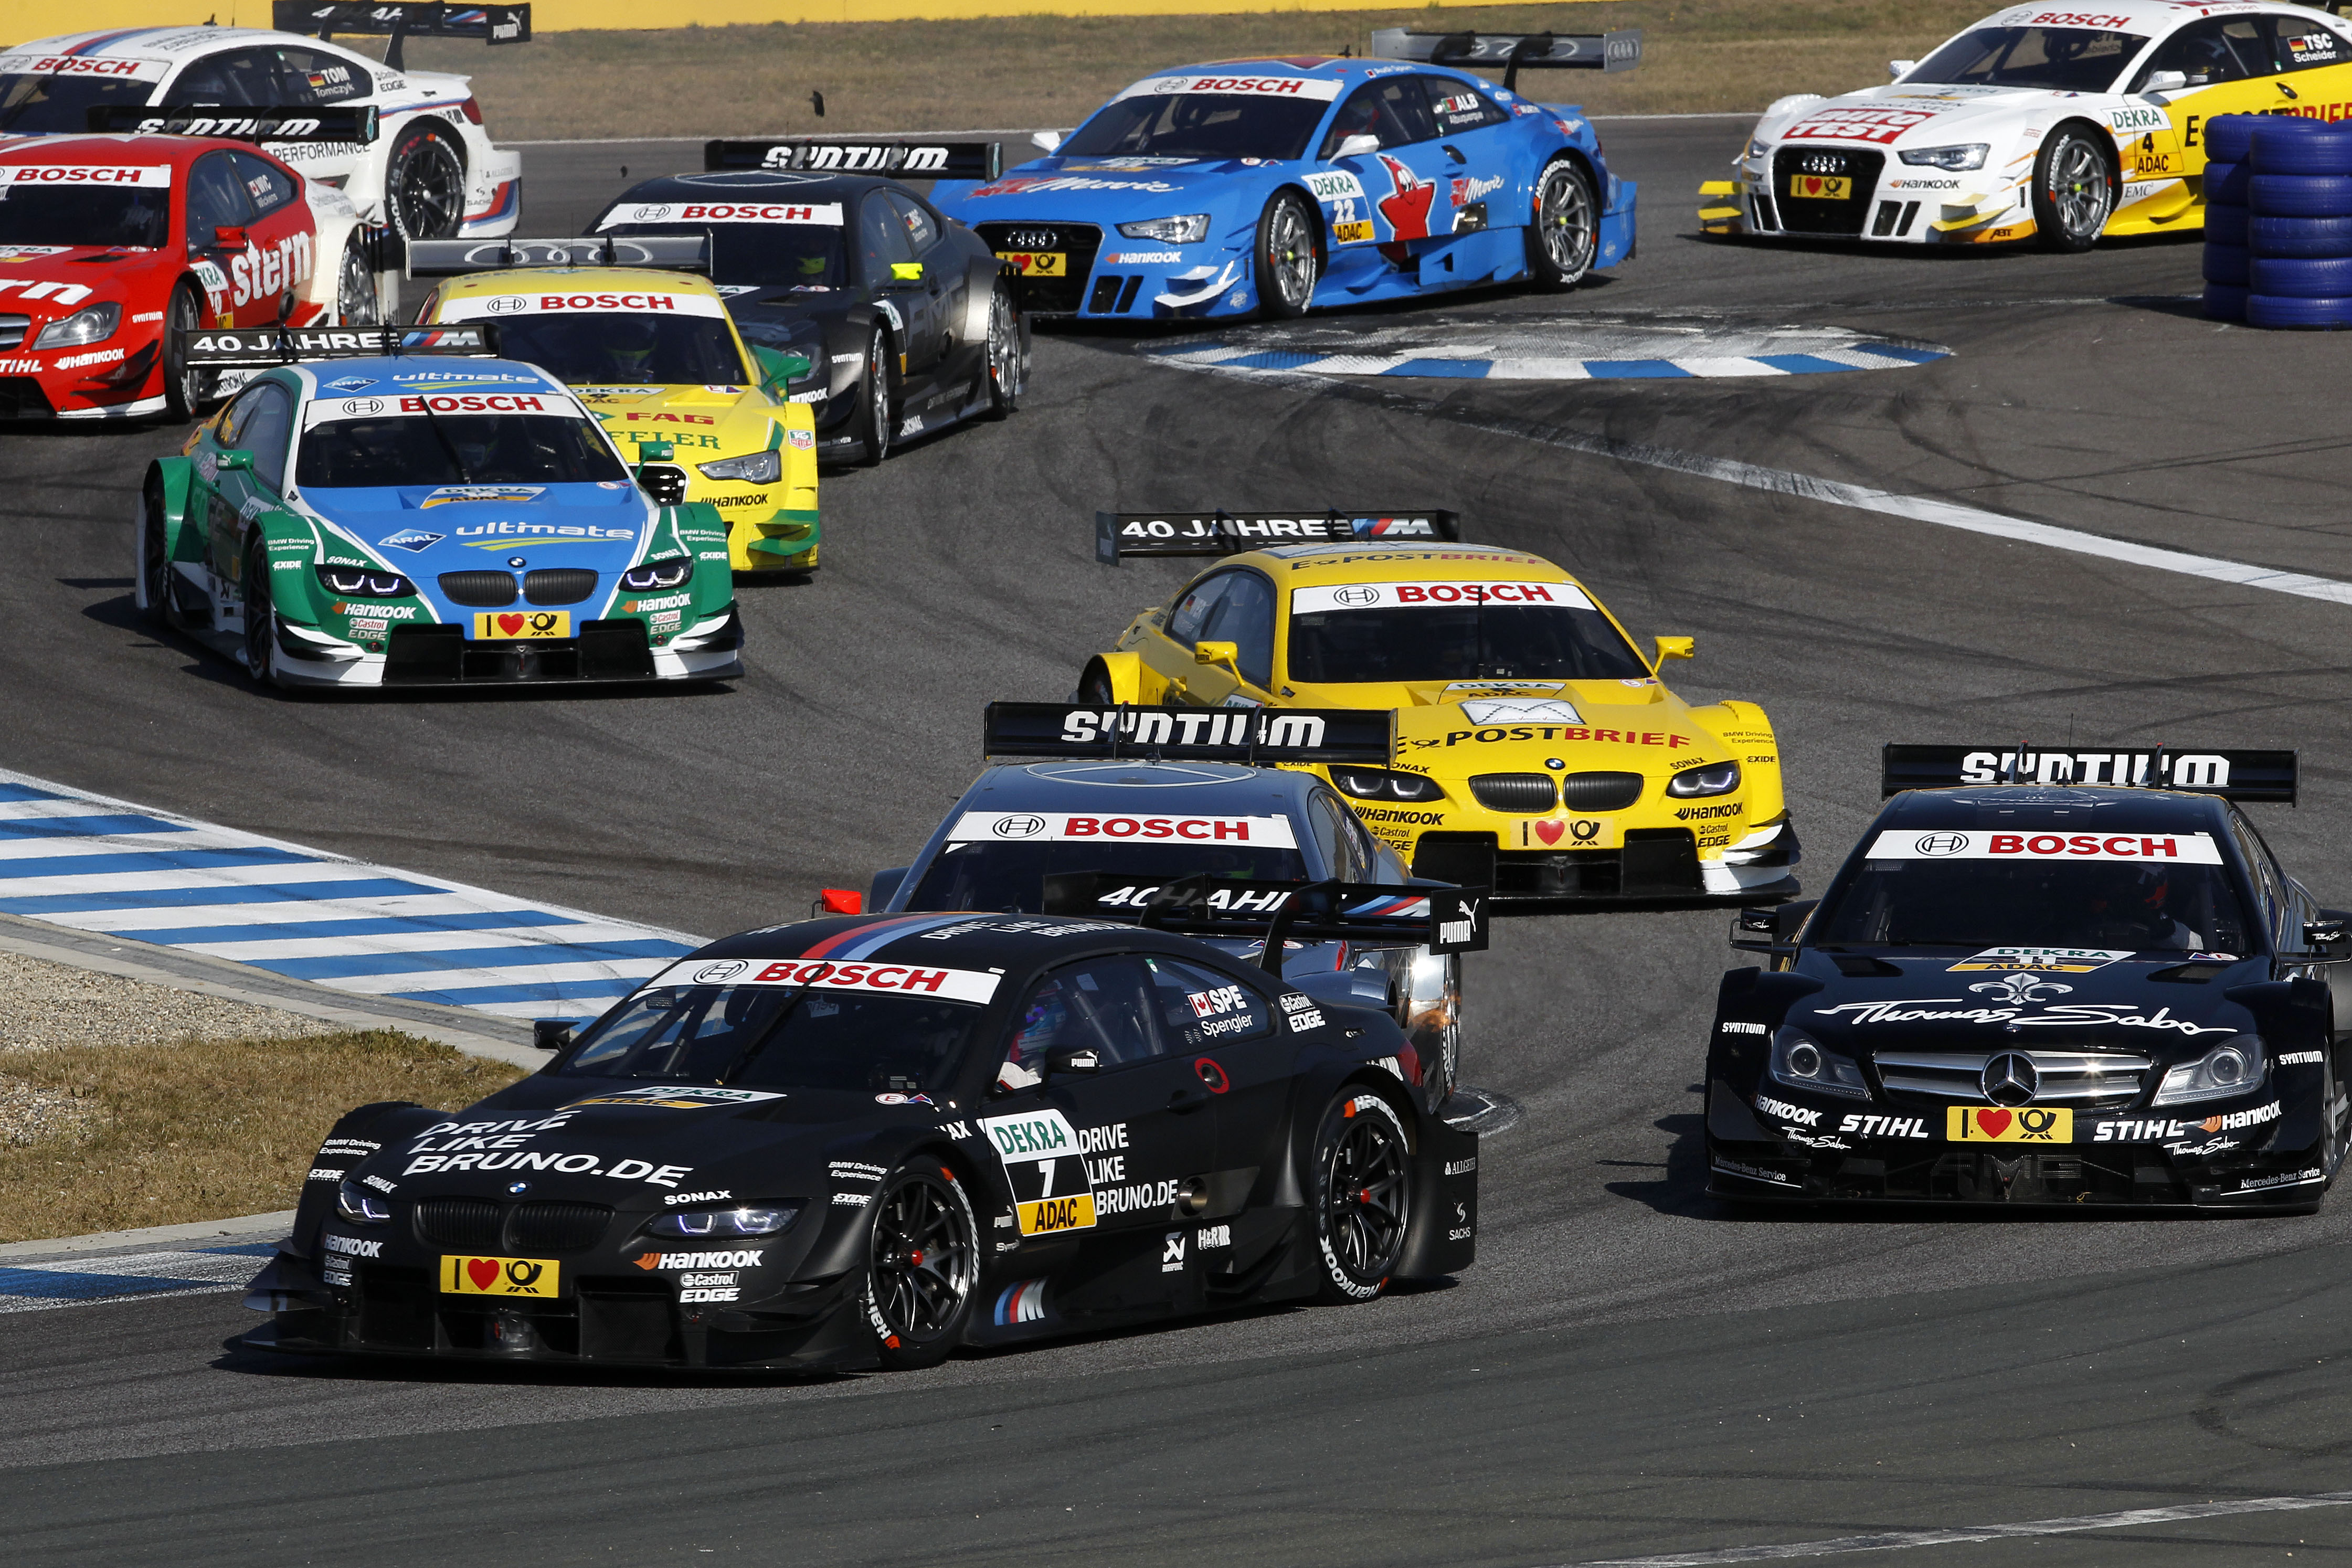 Dtm Rennbericht Oschersleben 2012 Racingblog